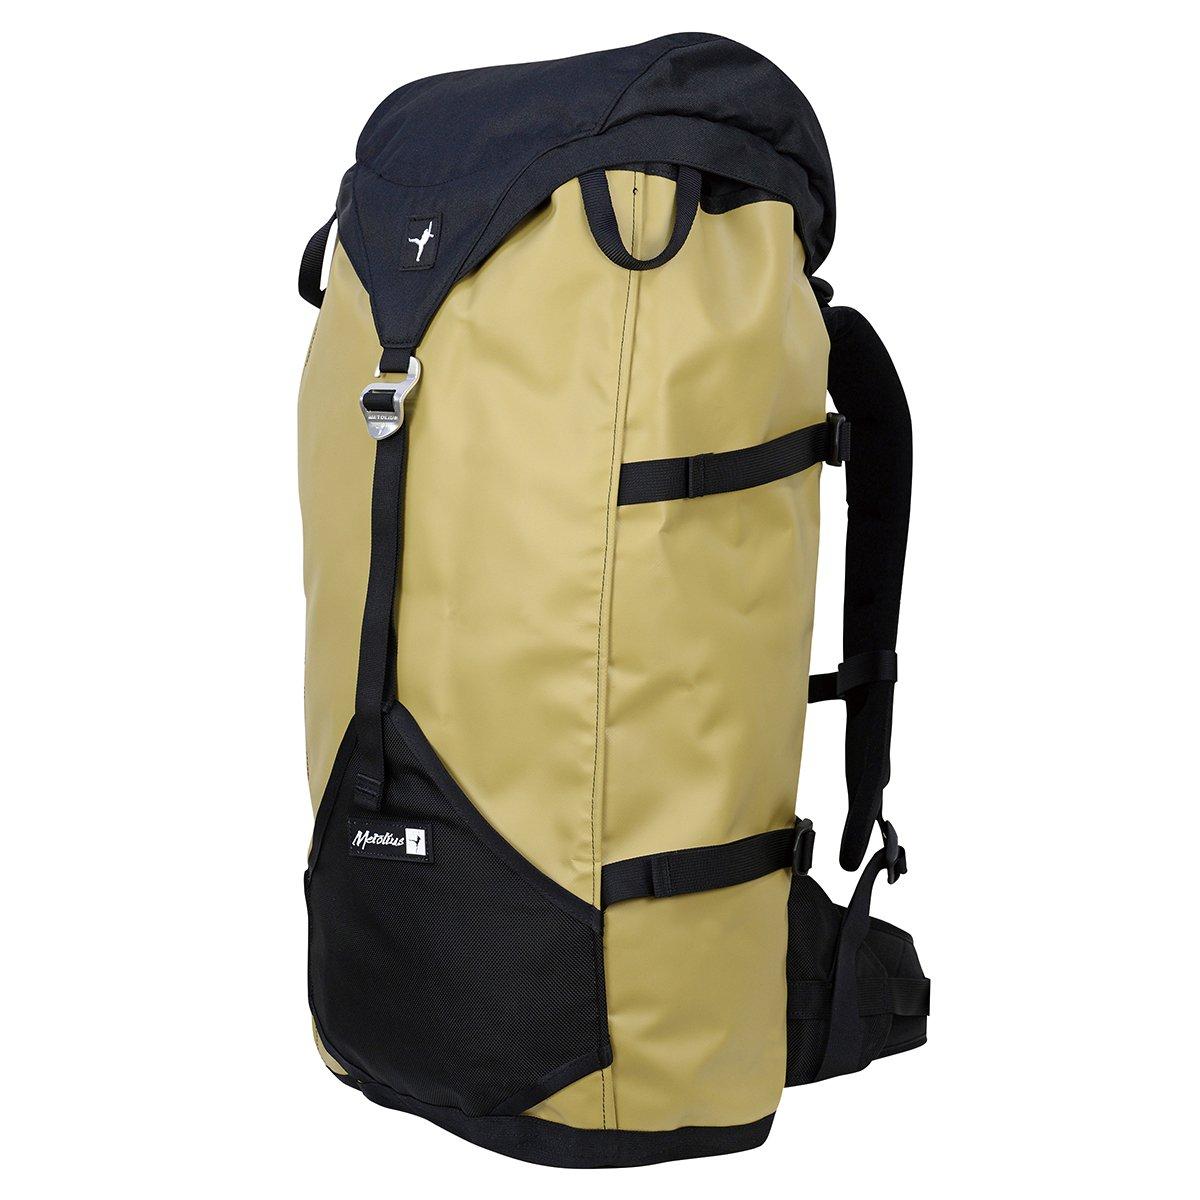 Metolius Freerider Pack Haul bags Tan